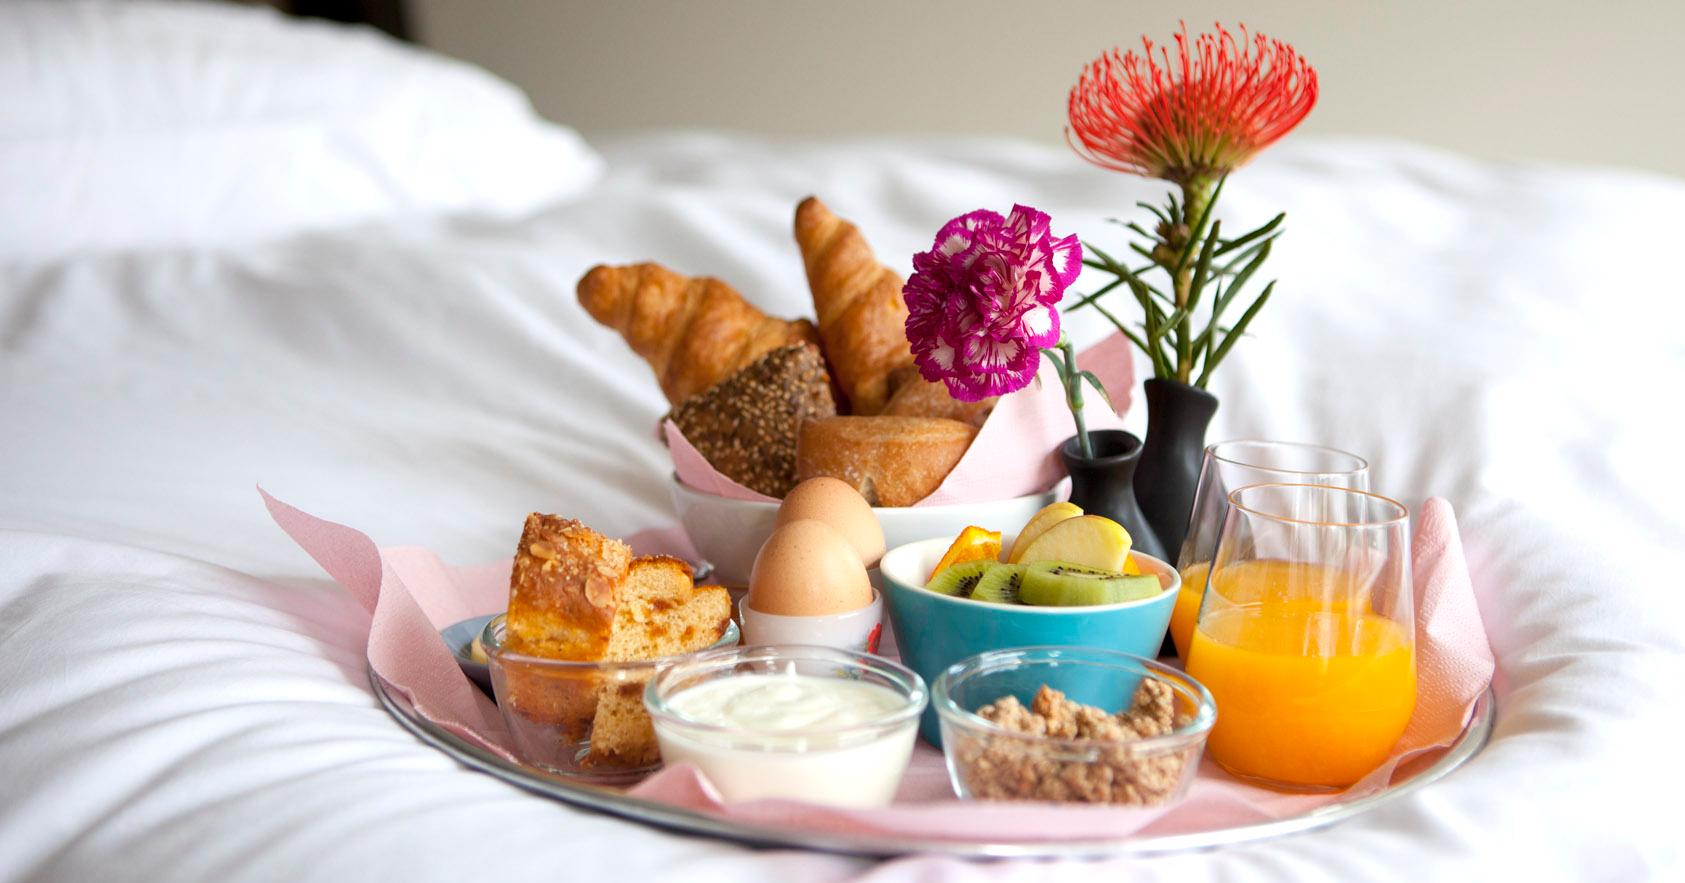 gezond ontbijt op bed